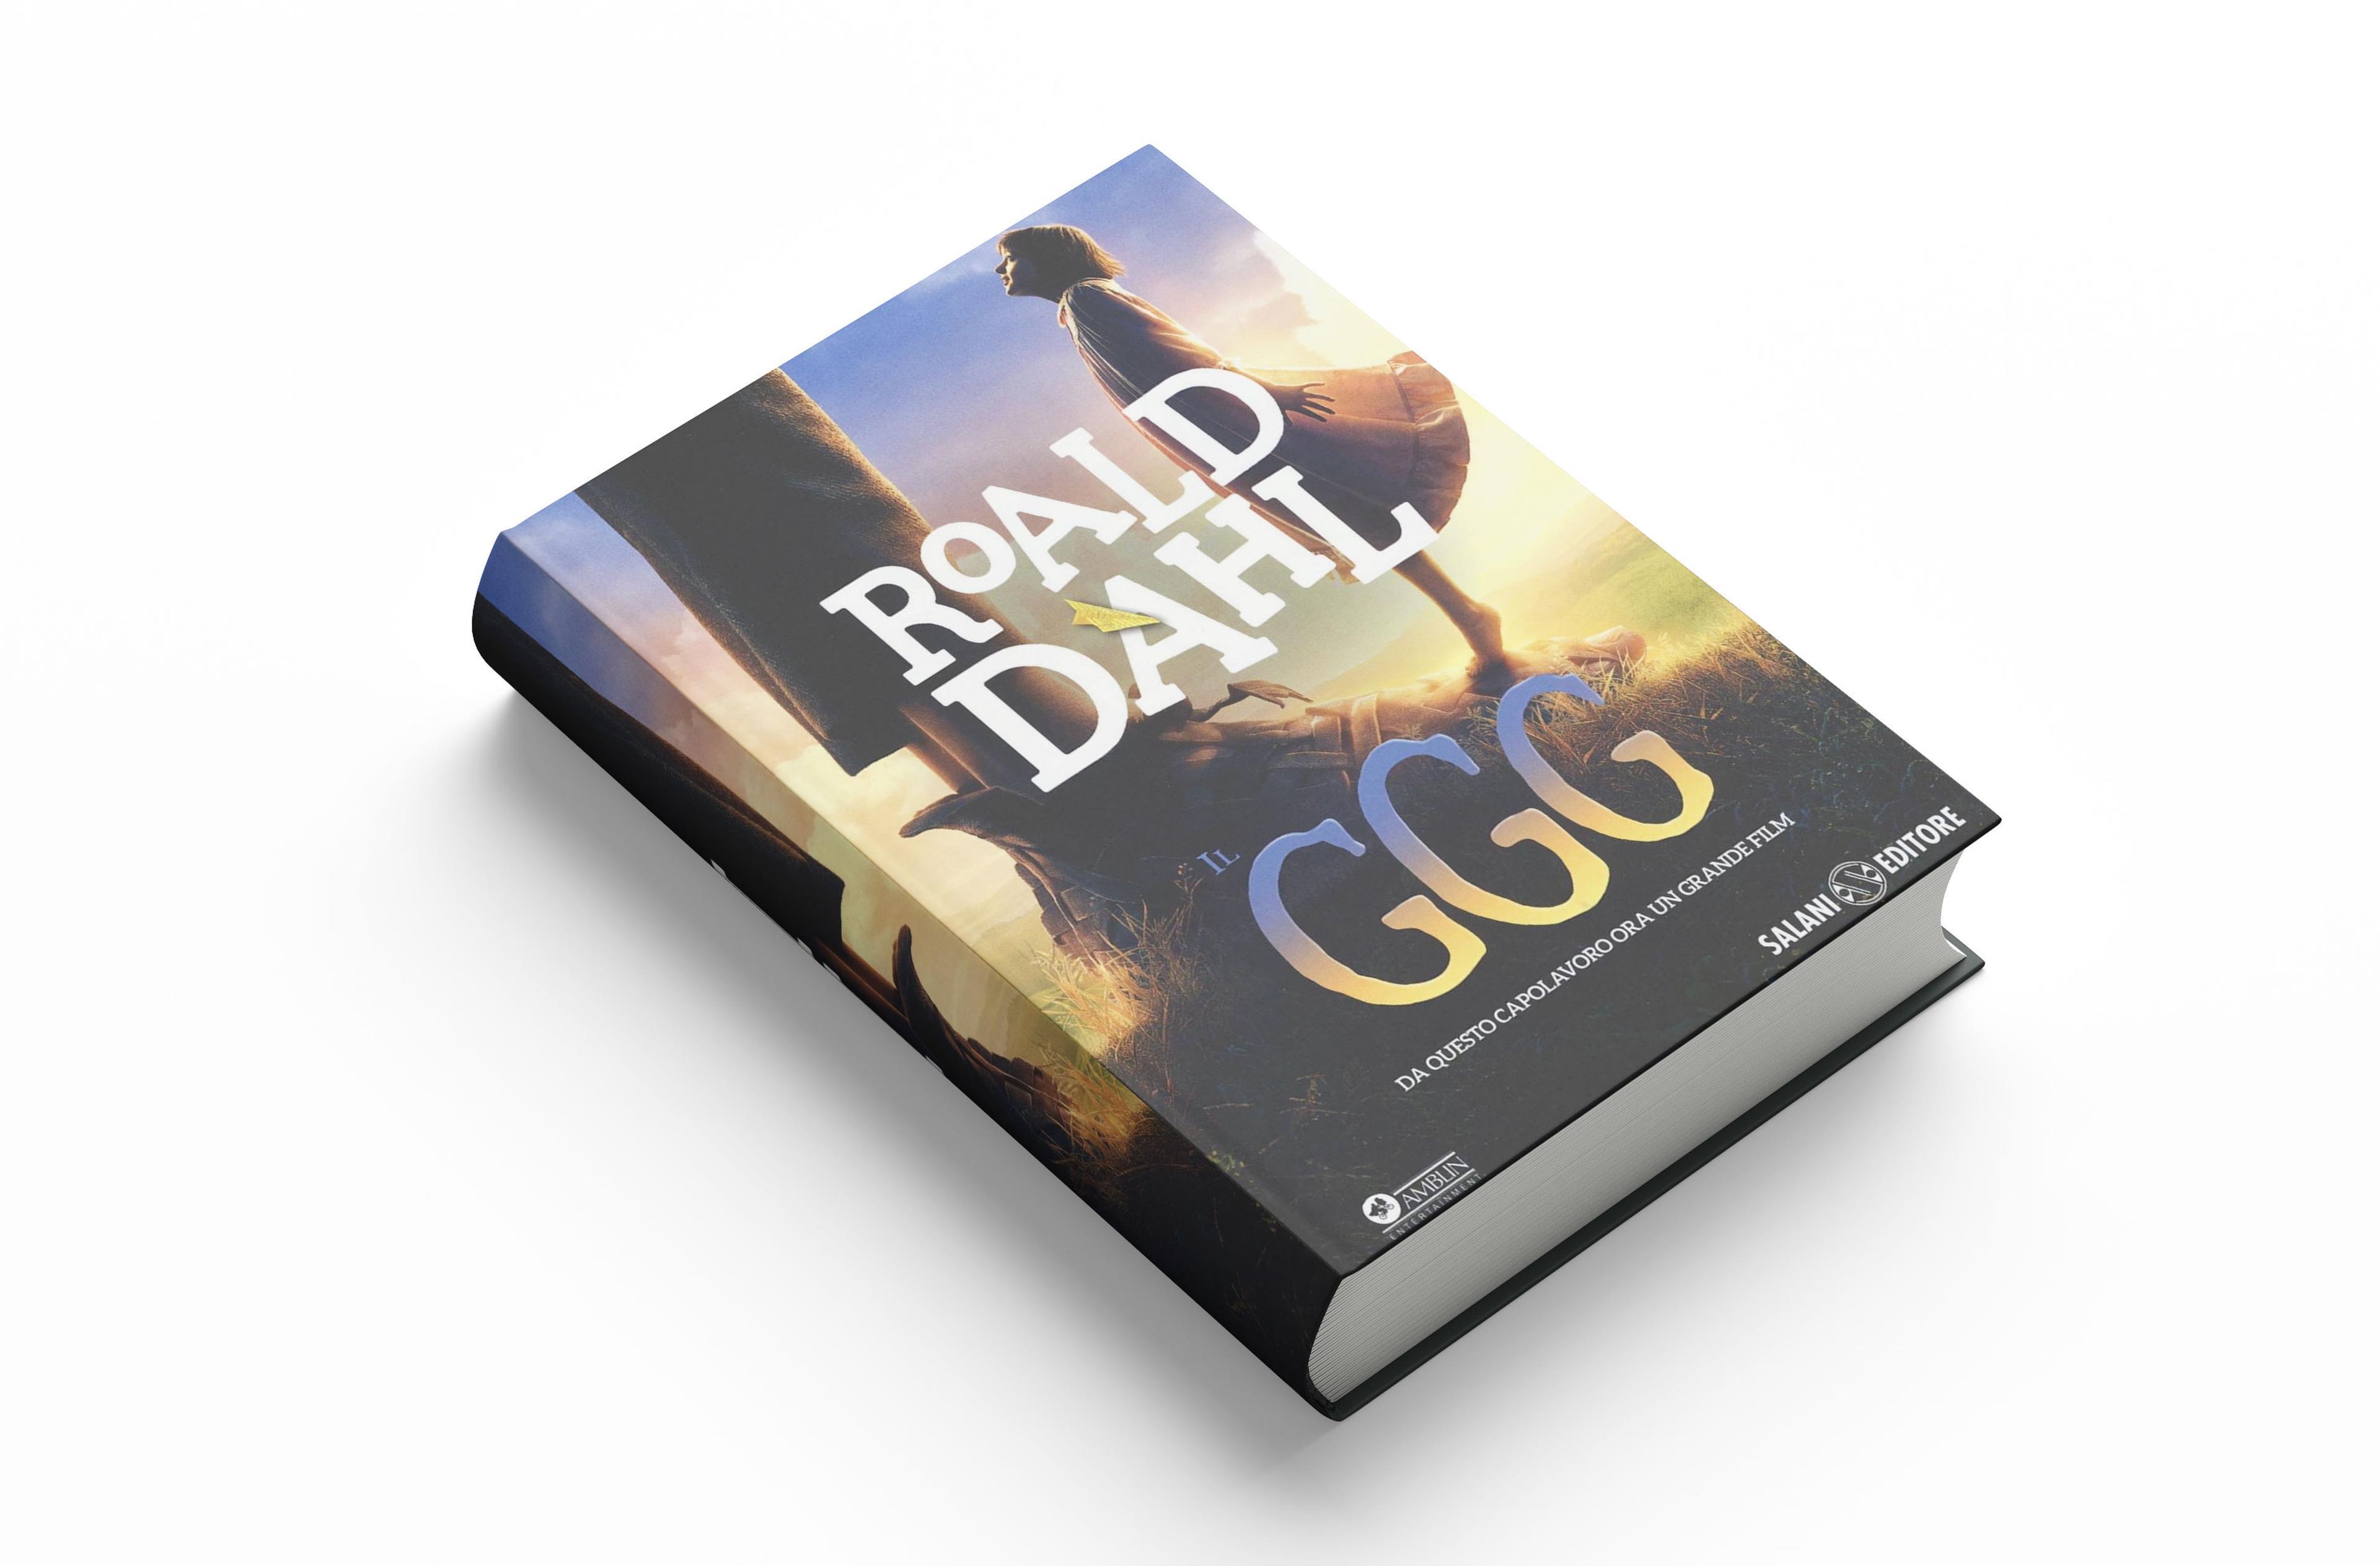 """La recensione del libro """"Il GGG"""" di Roald Dahl, un piccolo grande capolavoro"""